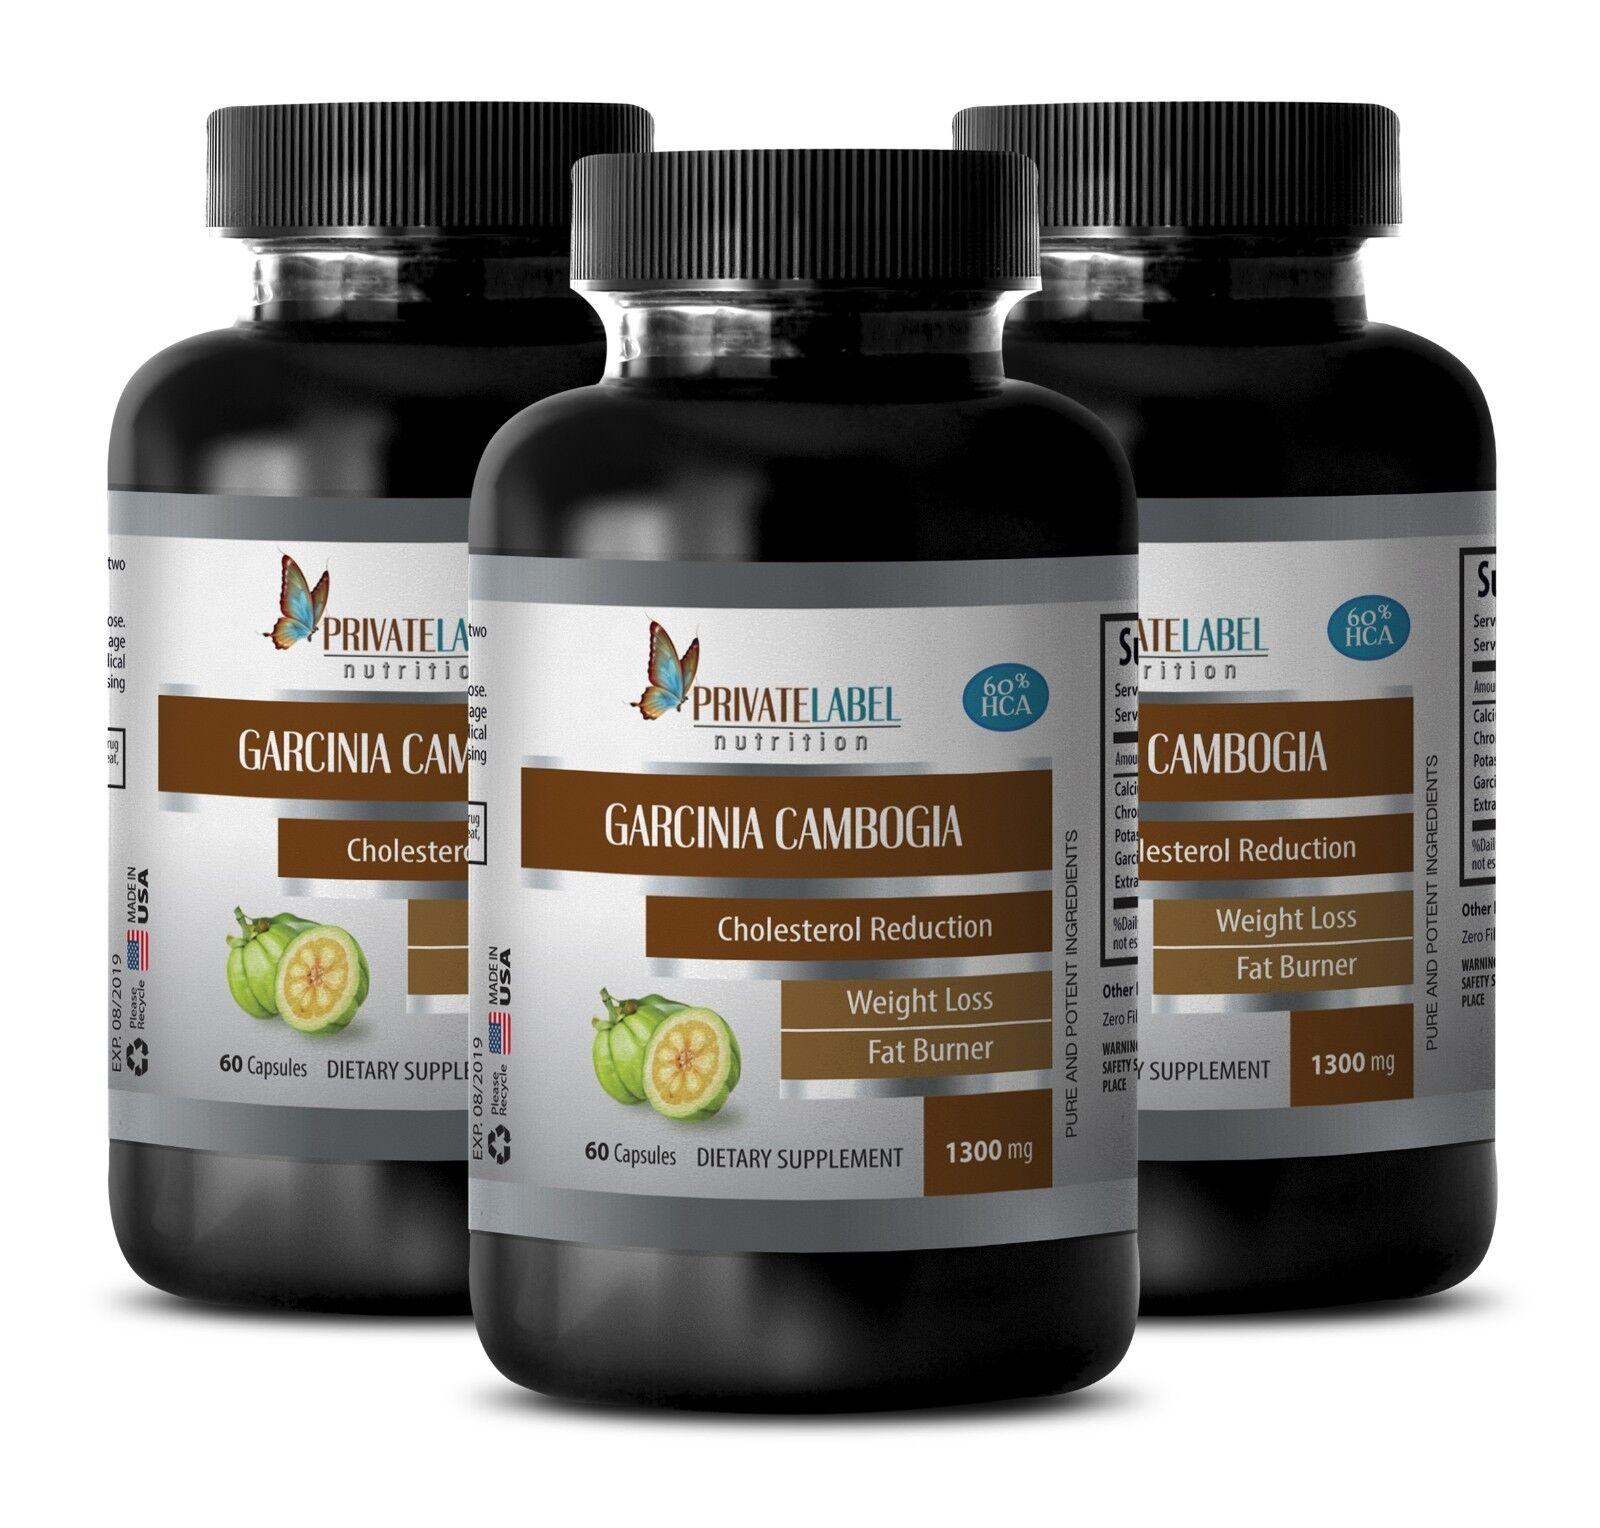 Garciniapure Extract - Garcinia Cambogia 1300mg - Fat Bur...